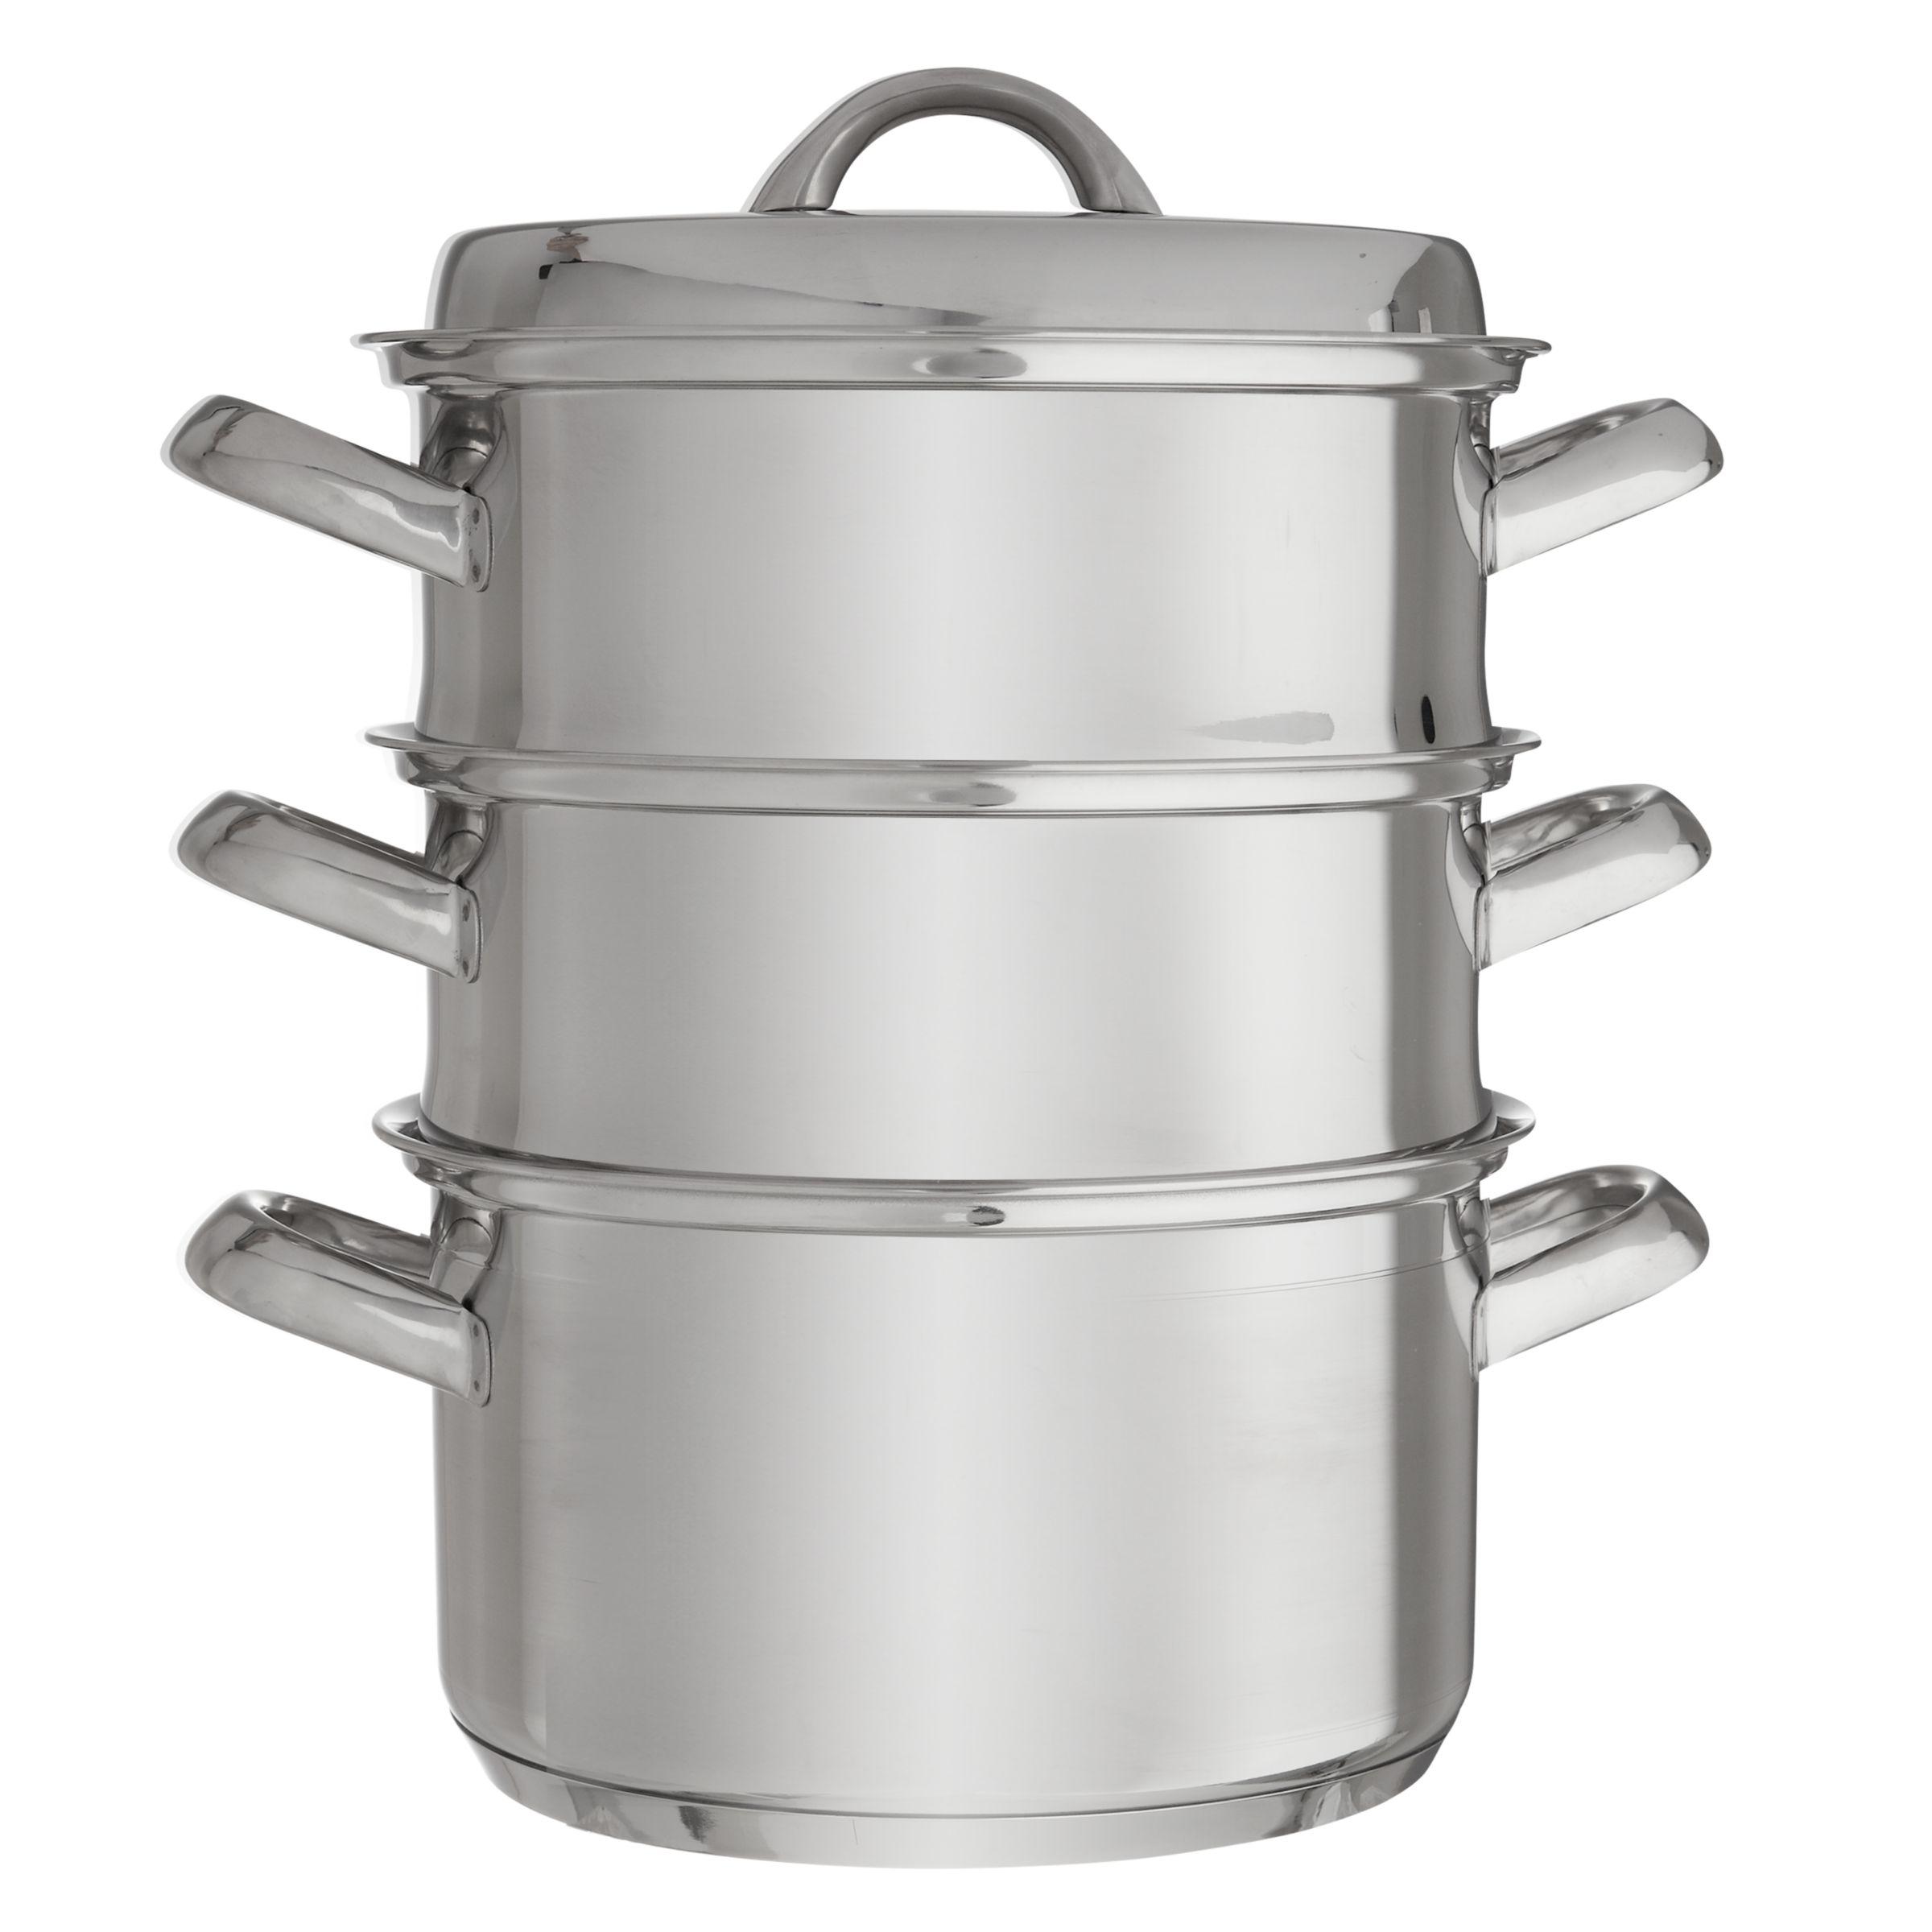 3 in 1 steamer - Tefal raclette grill john lewis ...